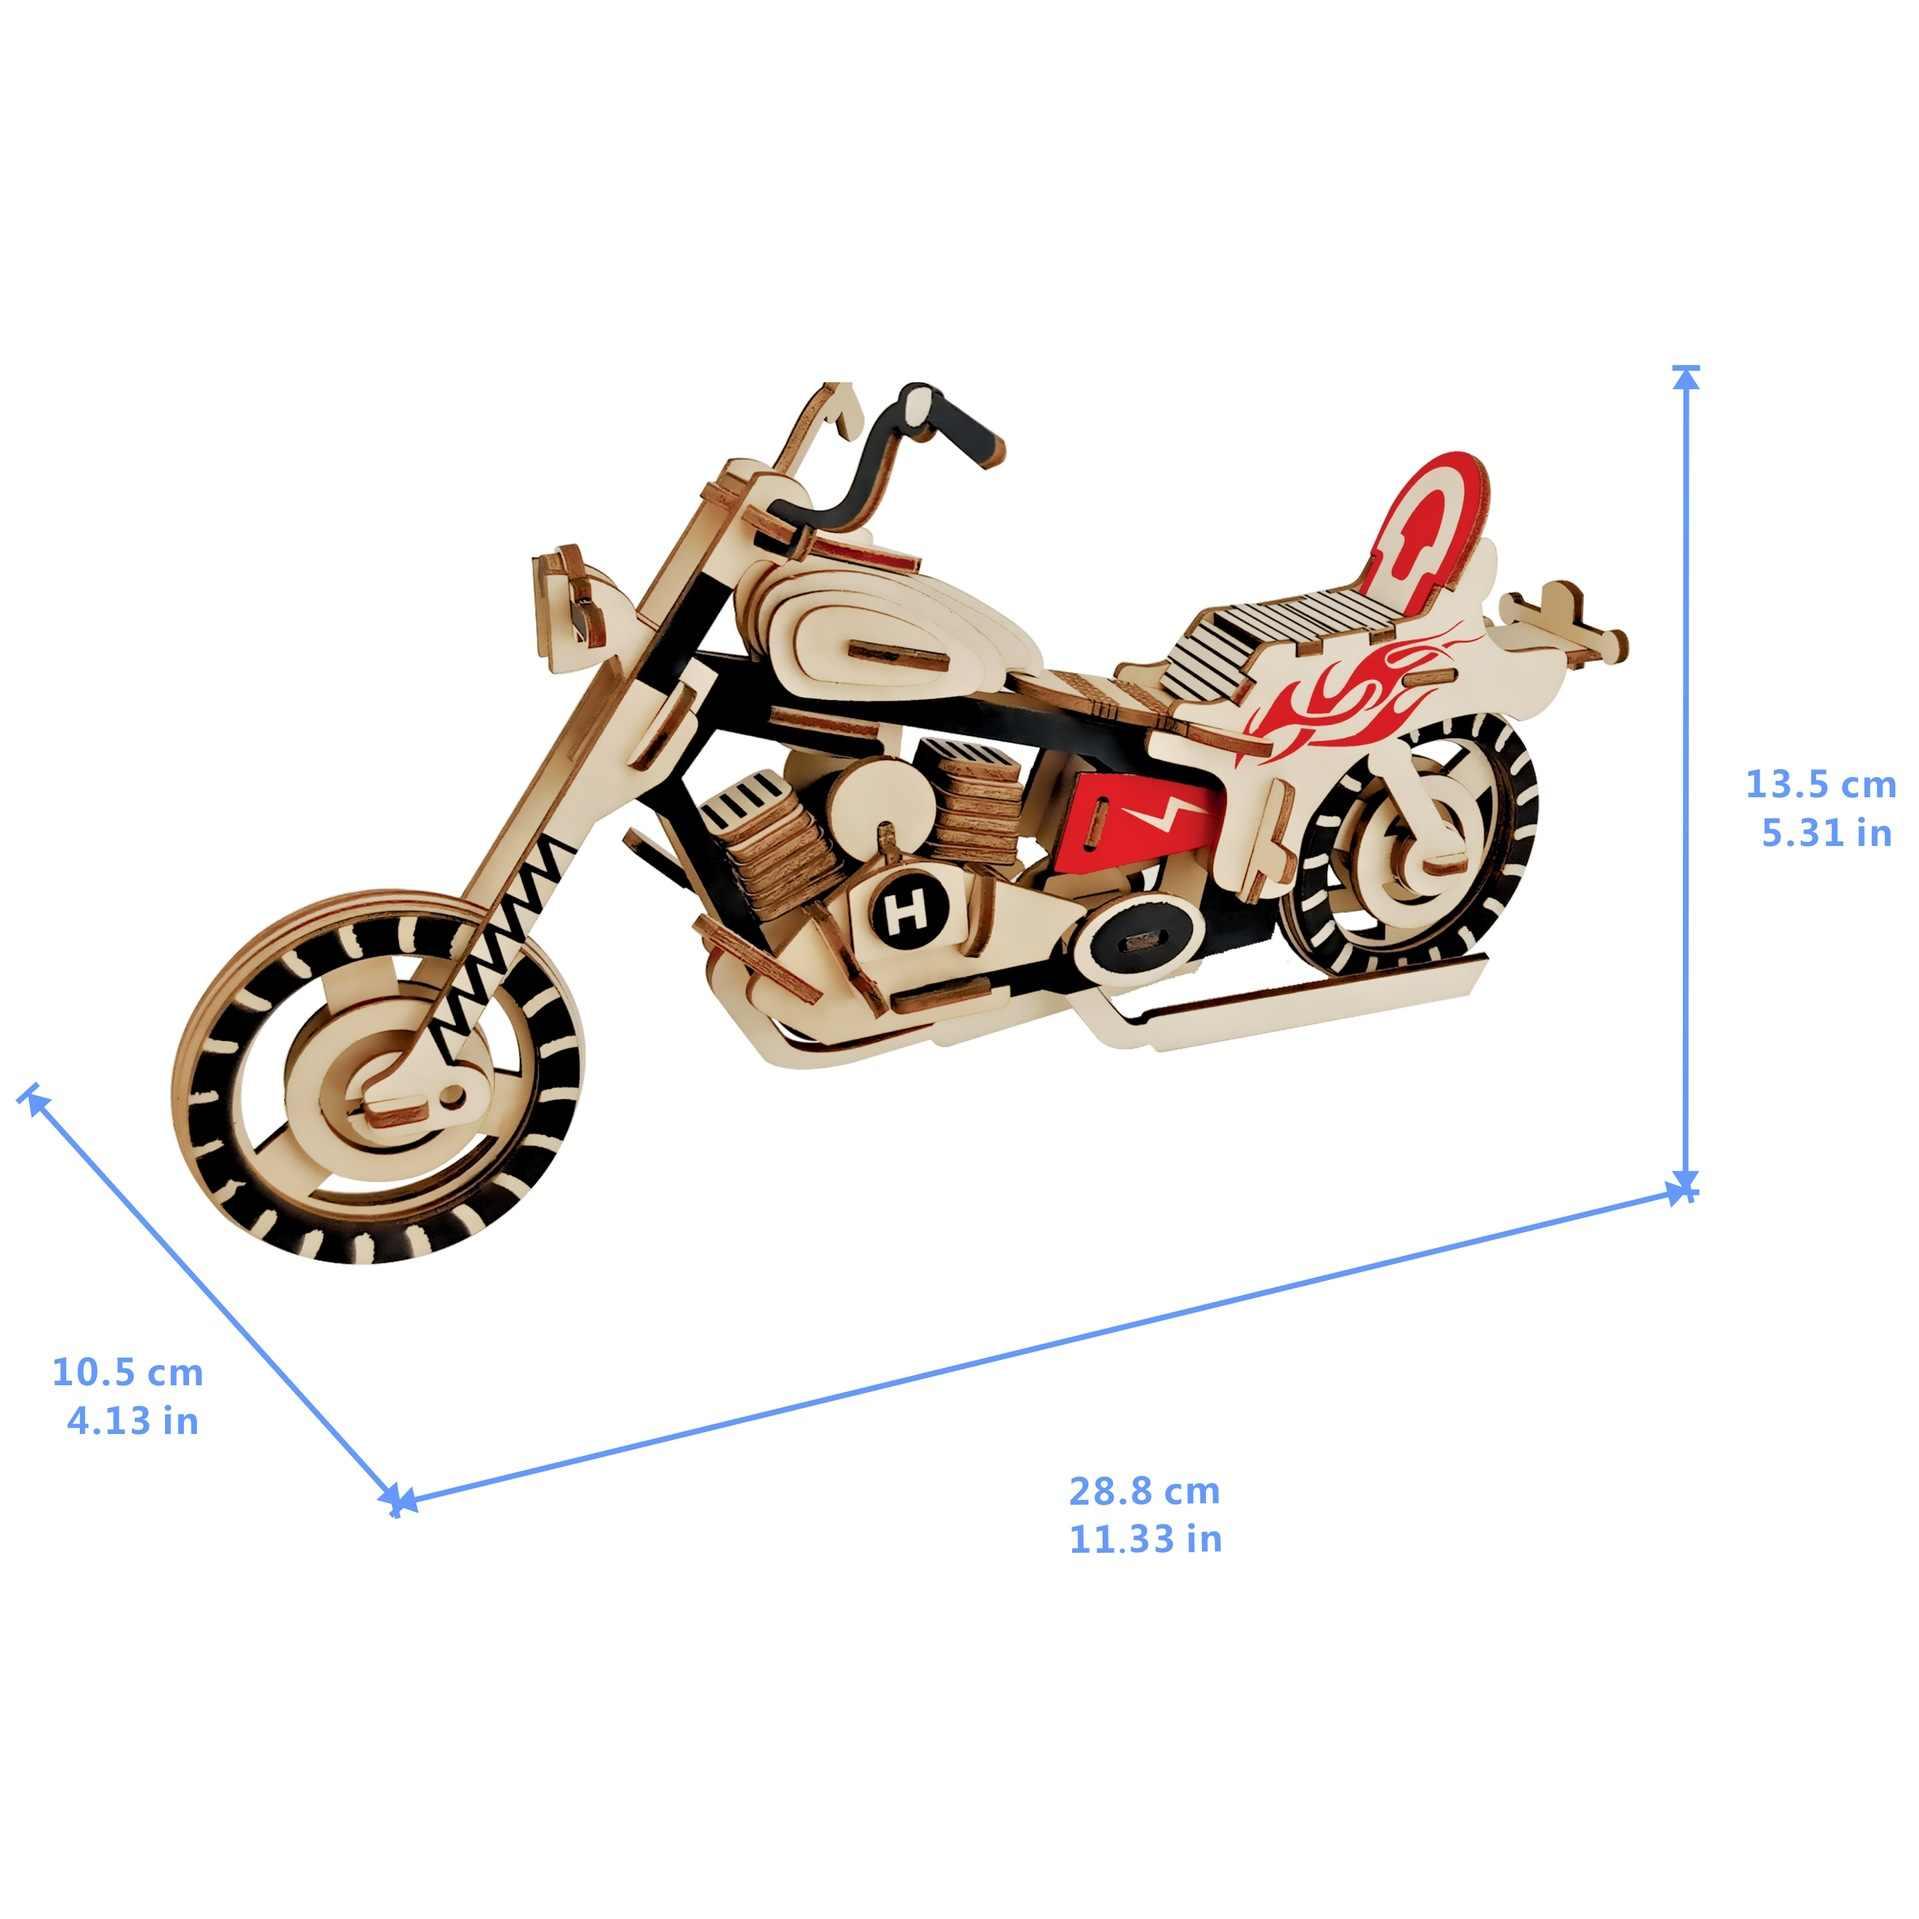 Xe Máy DIY 3D Đồ Chơi Xếp Hình Bằng Gỗ Woodcraft Lắp Ráp Bộ Cắt Gỗ Đồ Chơi Quà Tặng Giáng Sinh 3159